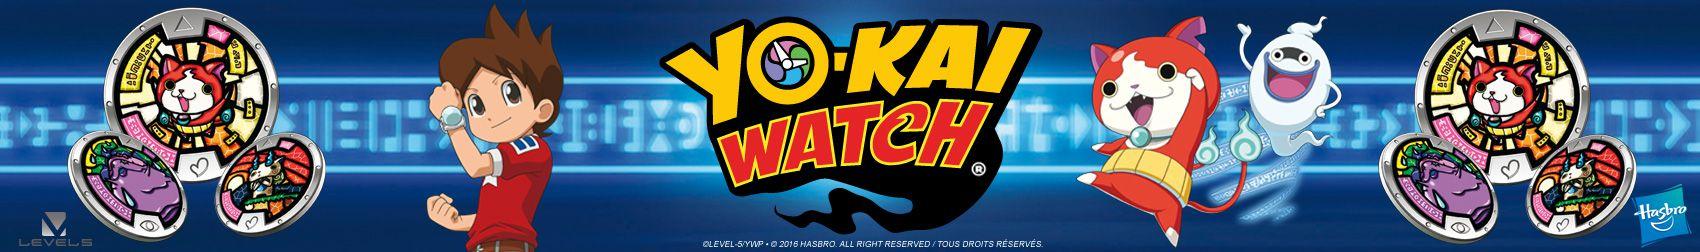 yokai watch - Page 2 Yokai-watch_160926150052